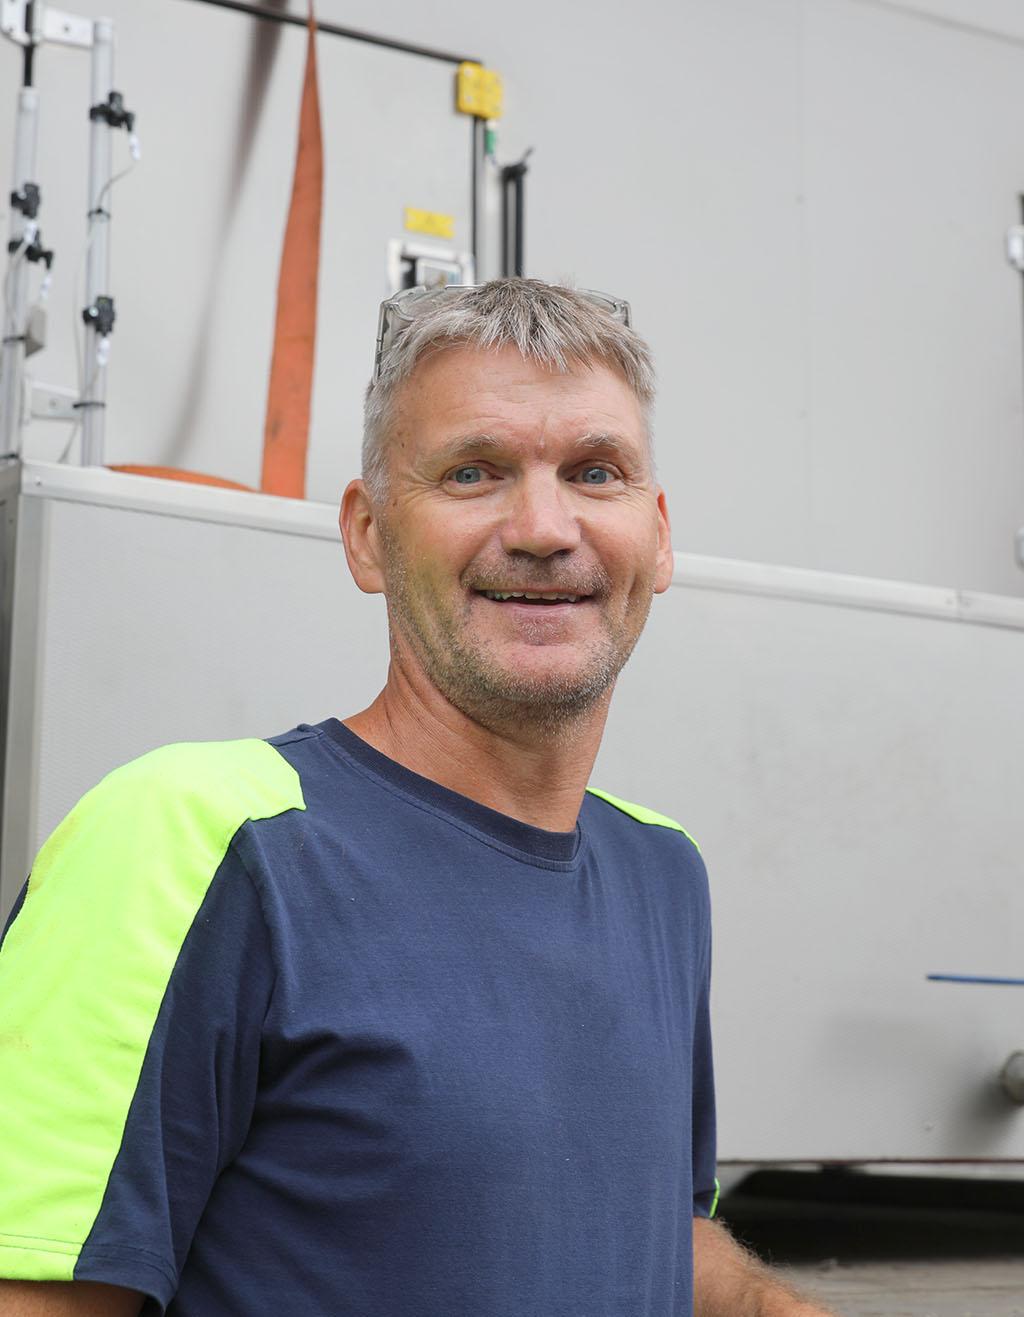 – Det känns lite som ens egen skapelse när man varit med och byggt allt från första plåt till färdig maskin, säger Tony Karlsson som även ser fram emot att få sätta igång med att bygga nästa maskin nu när platsen blir ledig.